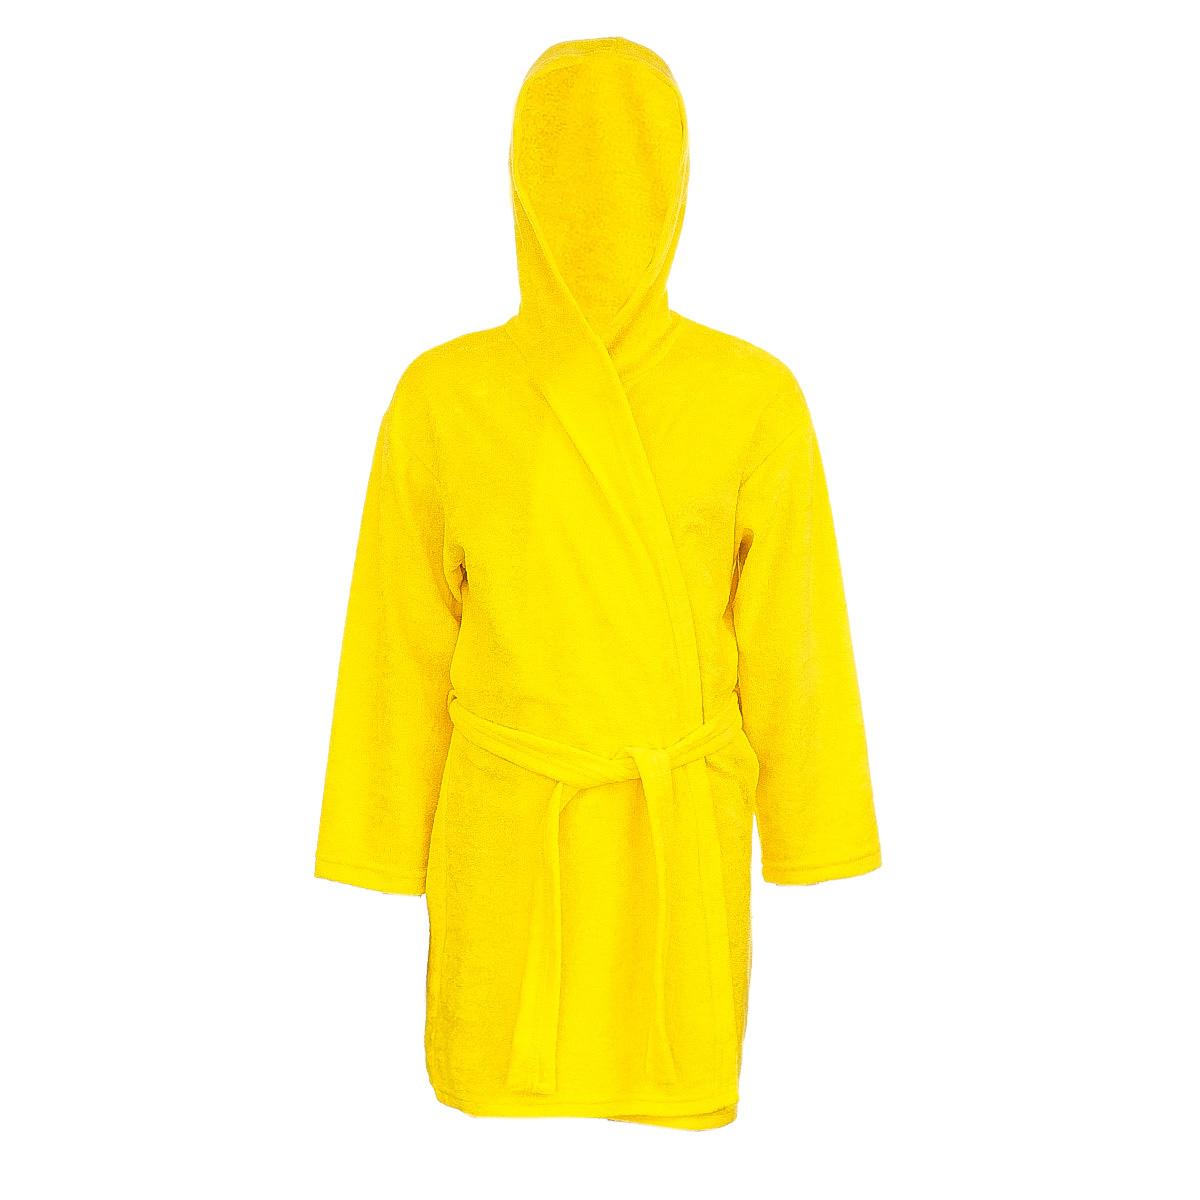 Халат детский M&D, цвет: желтый. Х70502. Размер 128Х70505Мягкий и пушистый халат от фирмы M&D выполнен из хлопка с добавлением полиэстера, приятен к телу и износоустойчив.Халат можно носить по дому или надевать выходя из ванной. Ткань хорошо впитывает влагу и быстро сохнет. Модель с капюшоном и длинными рукавами оснащена шлёвками и поясом.Изделие понравится ребенку, подарит ему тепло, комфорт и уют.